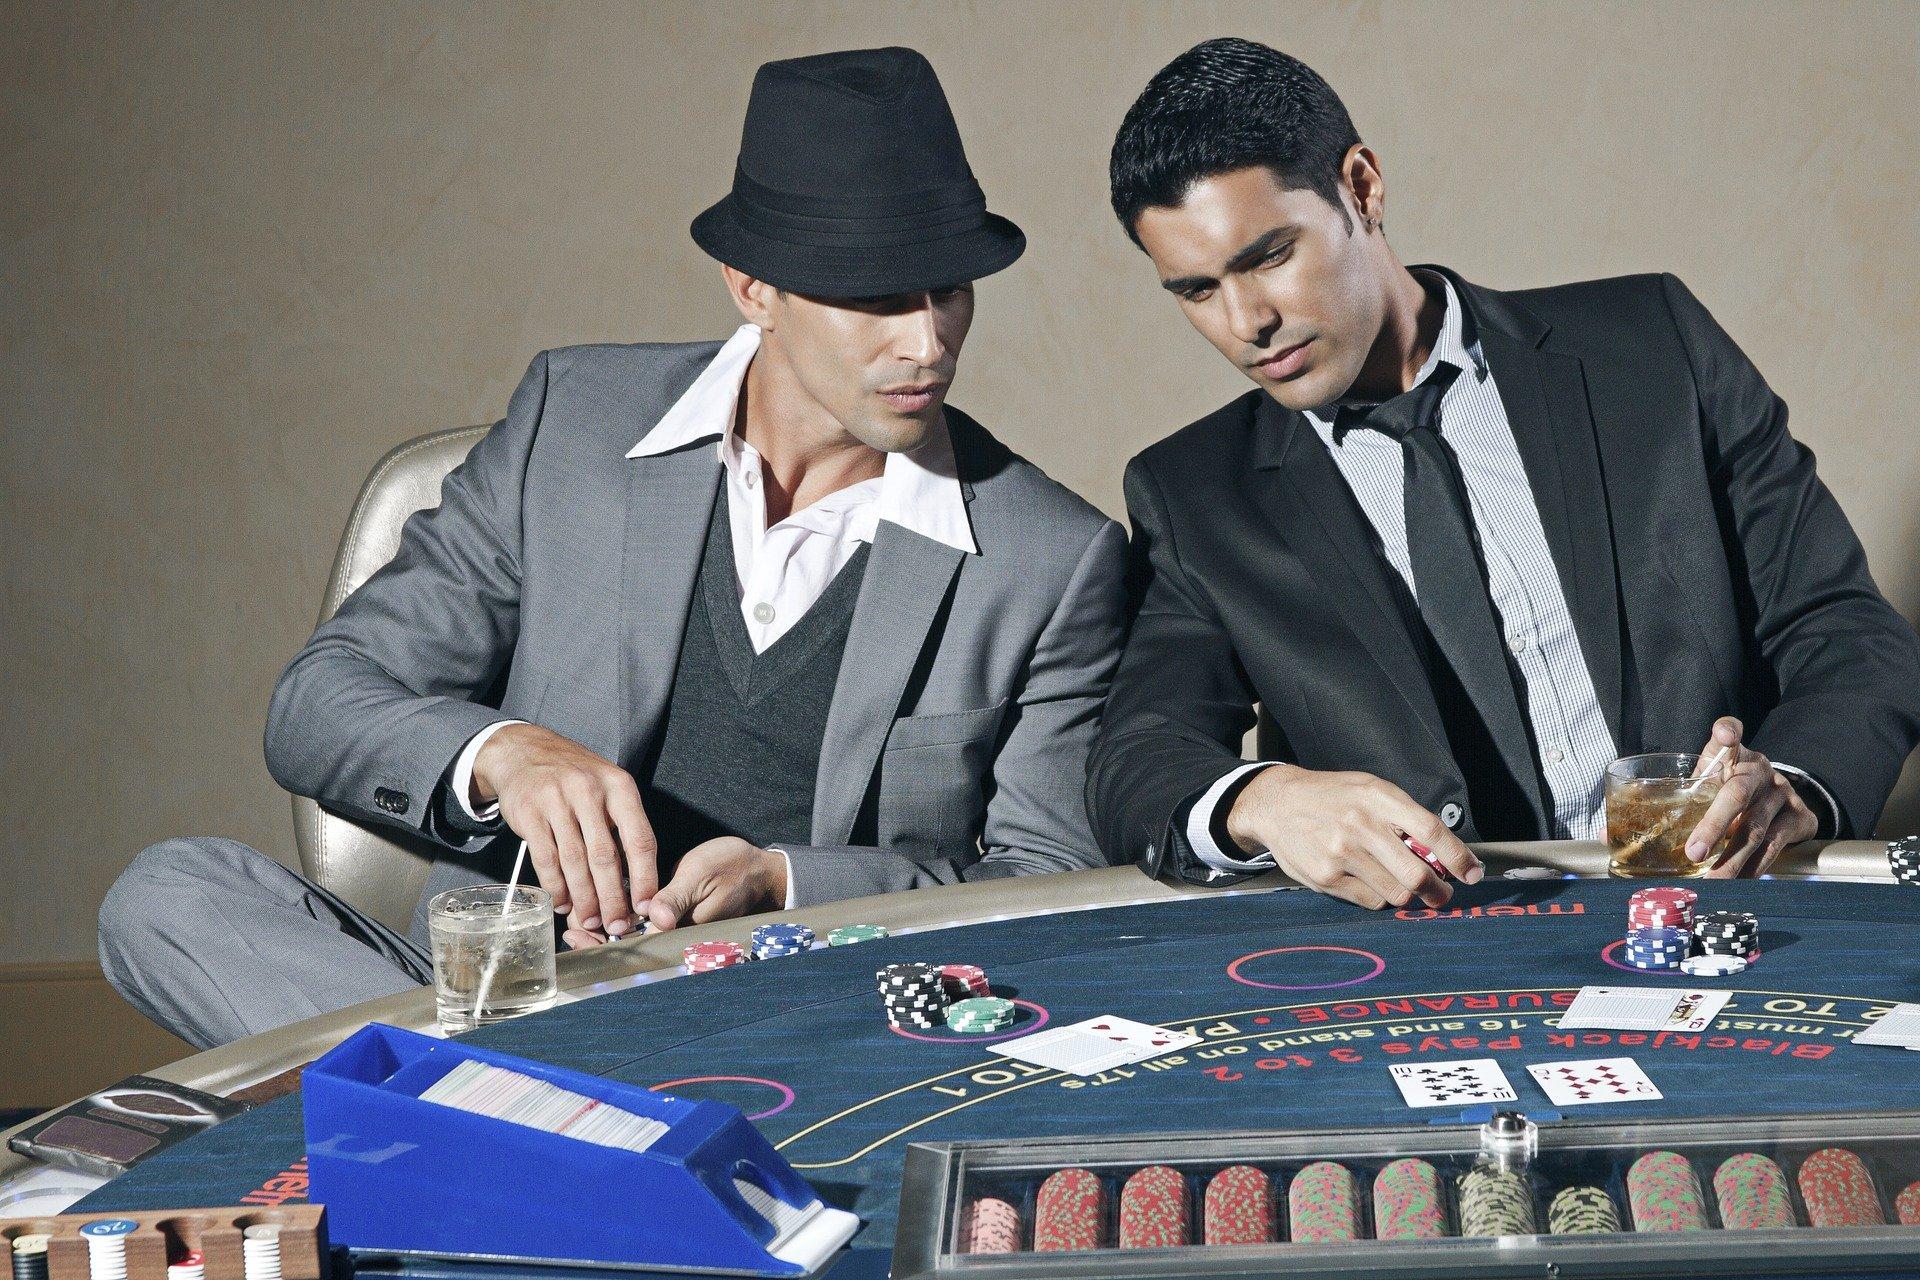 casino 1107736 1920 1